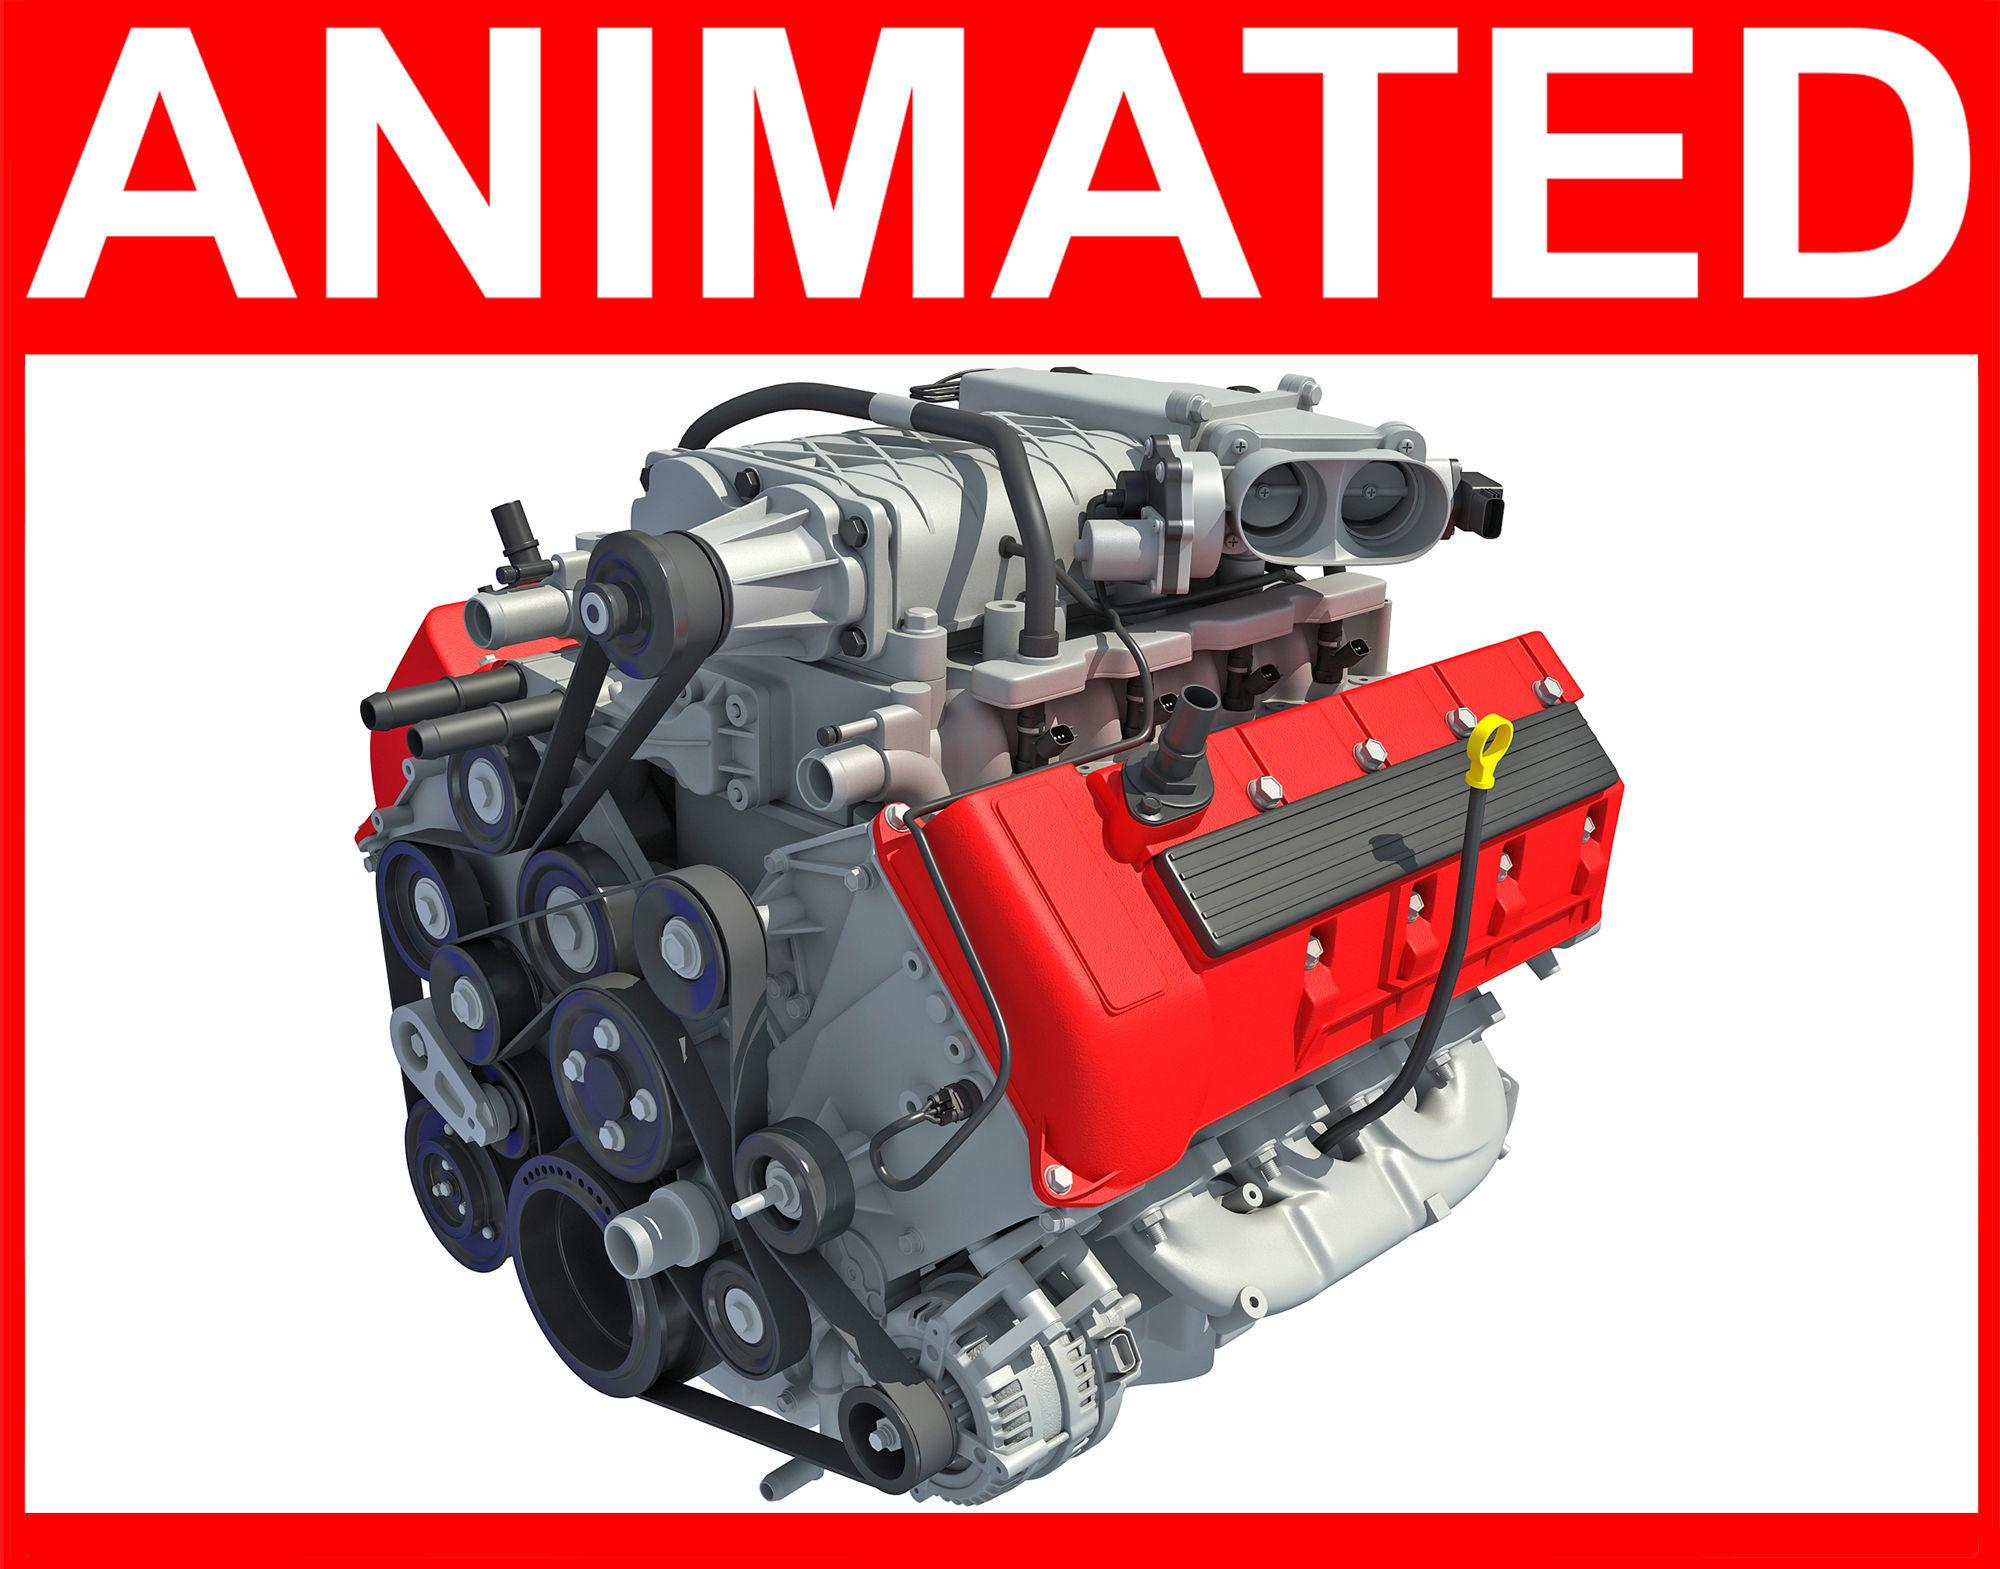 Animated V8 Engine